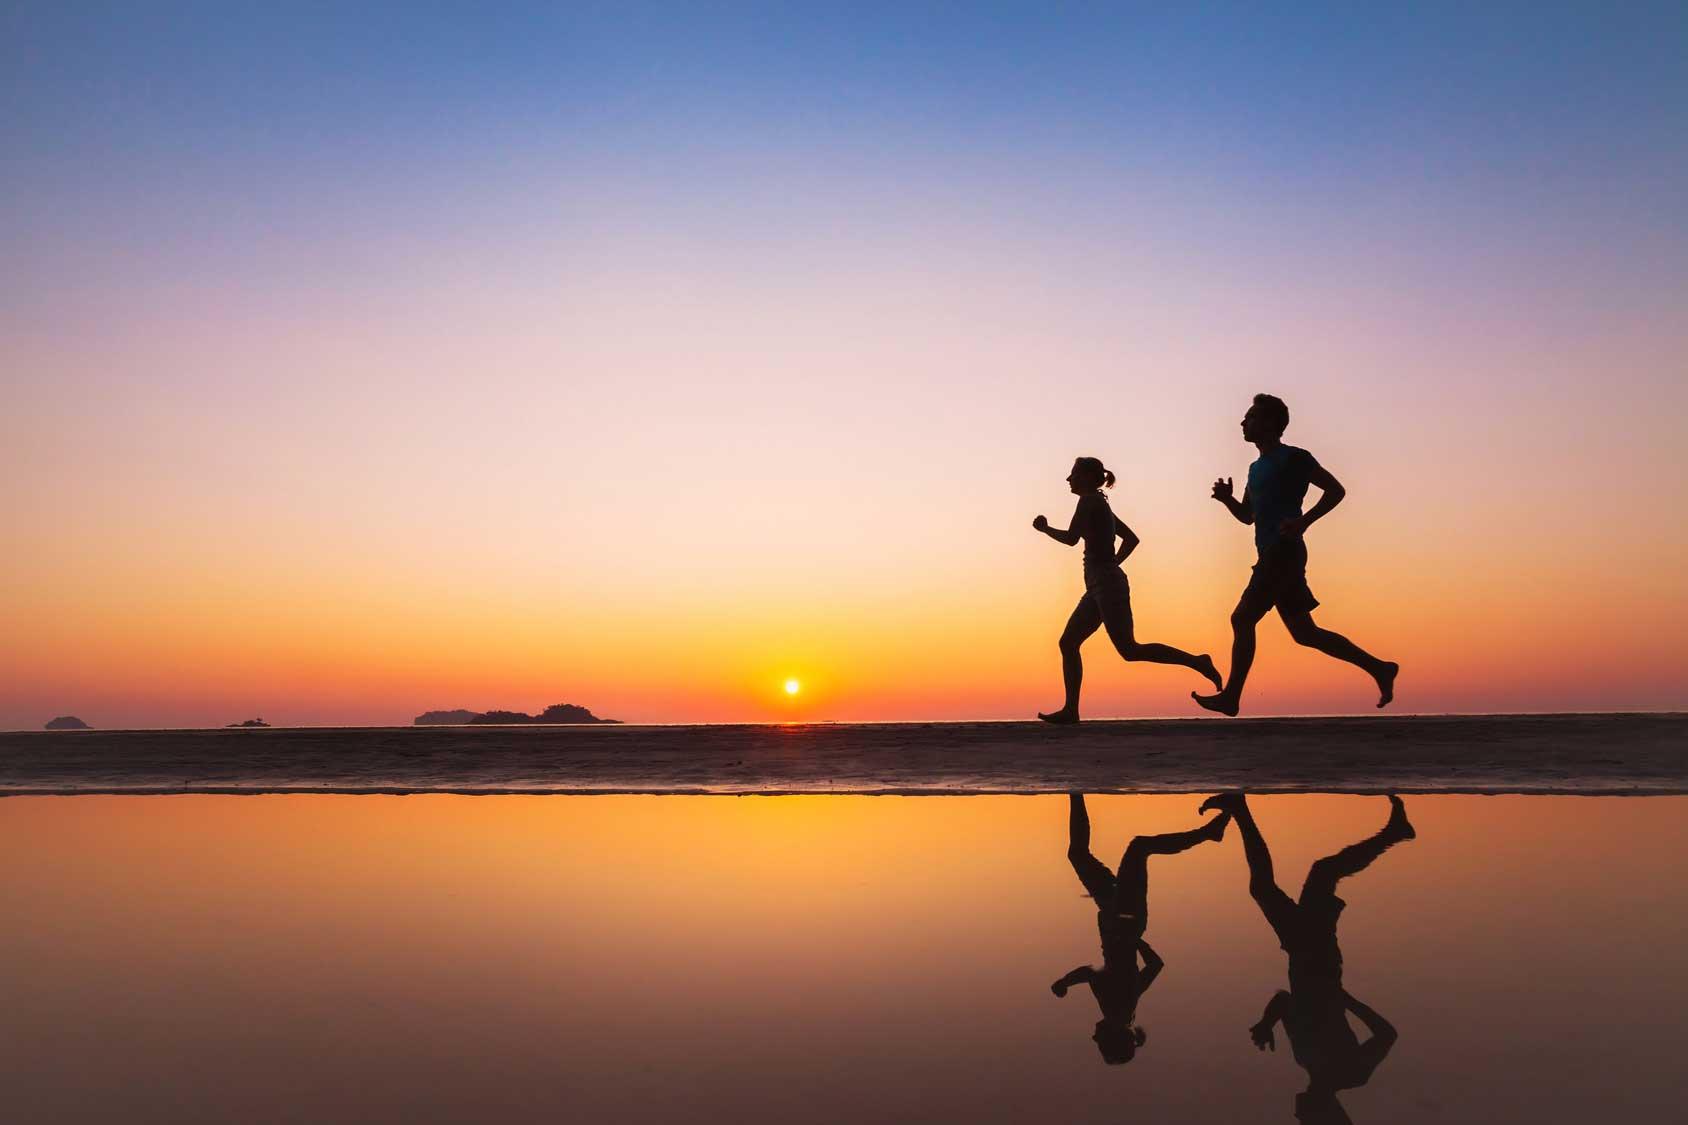 Ohne Bewegung erhöht sich die Stressanfälligkeit.